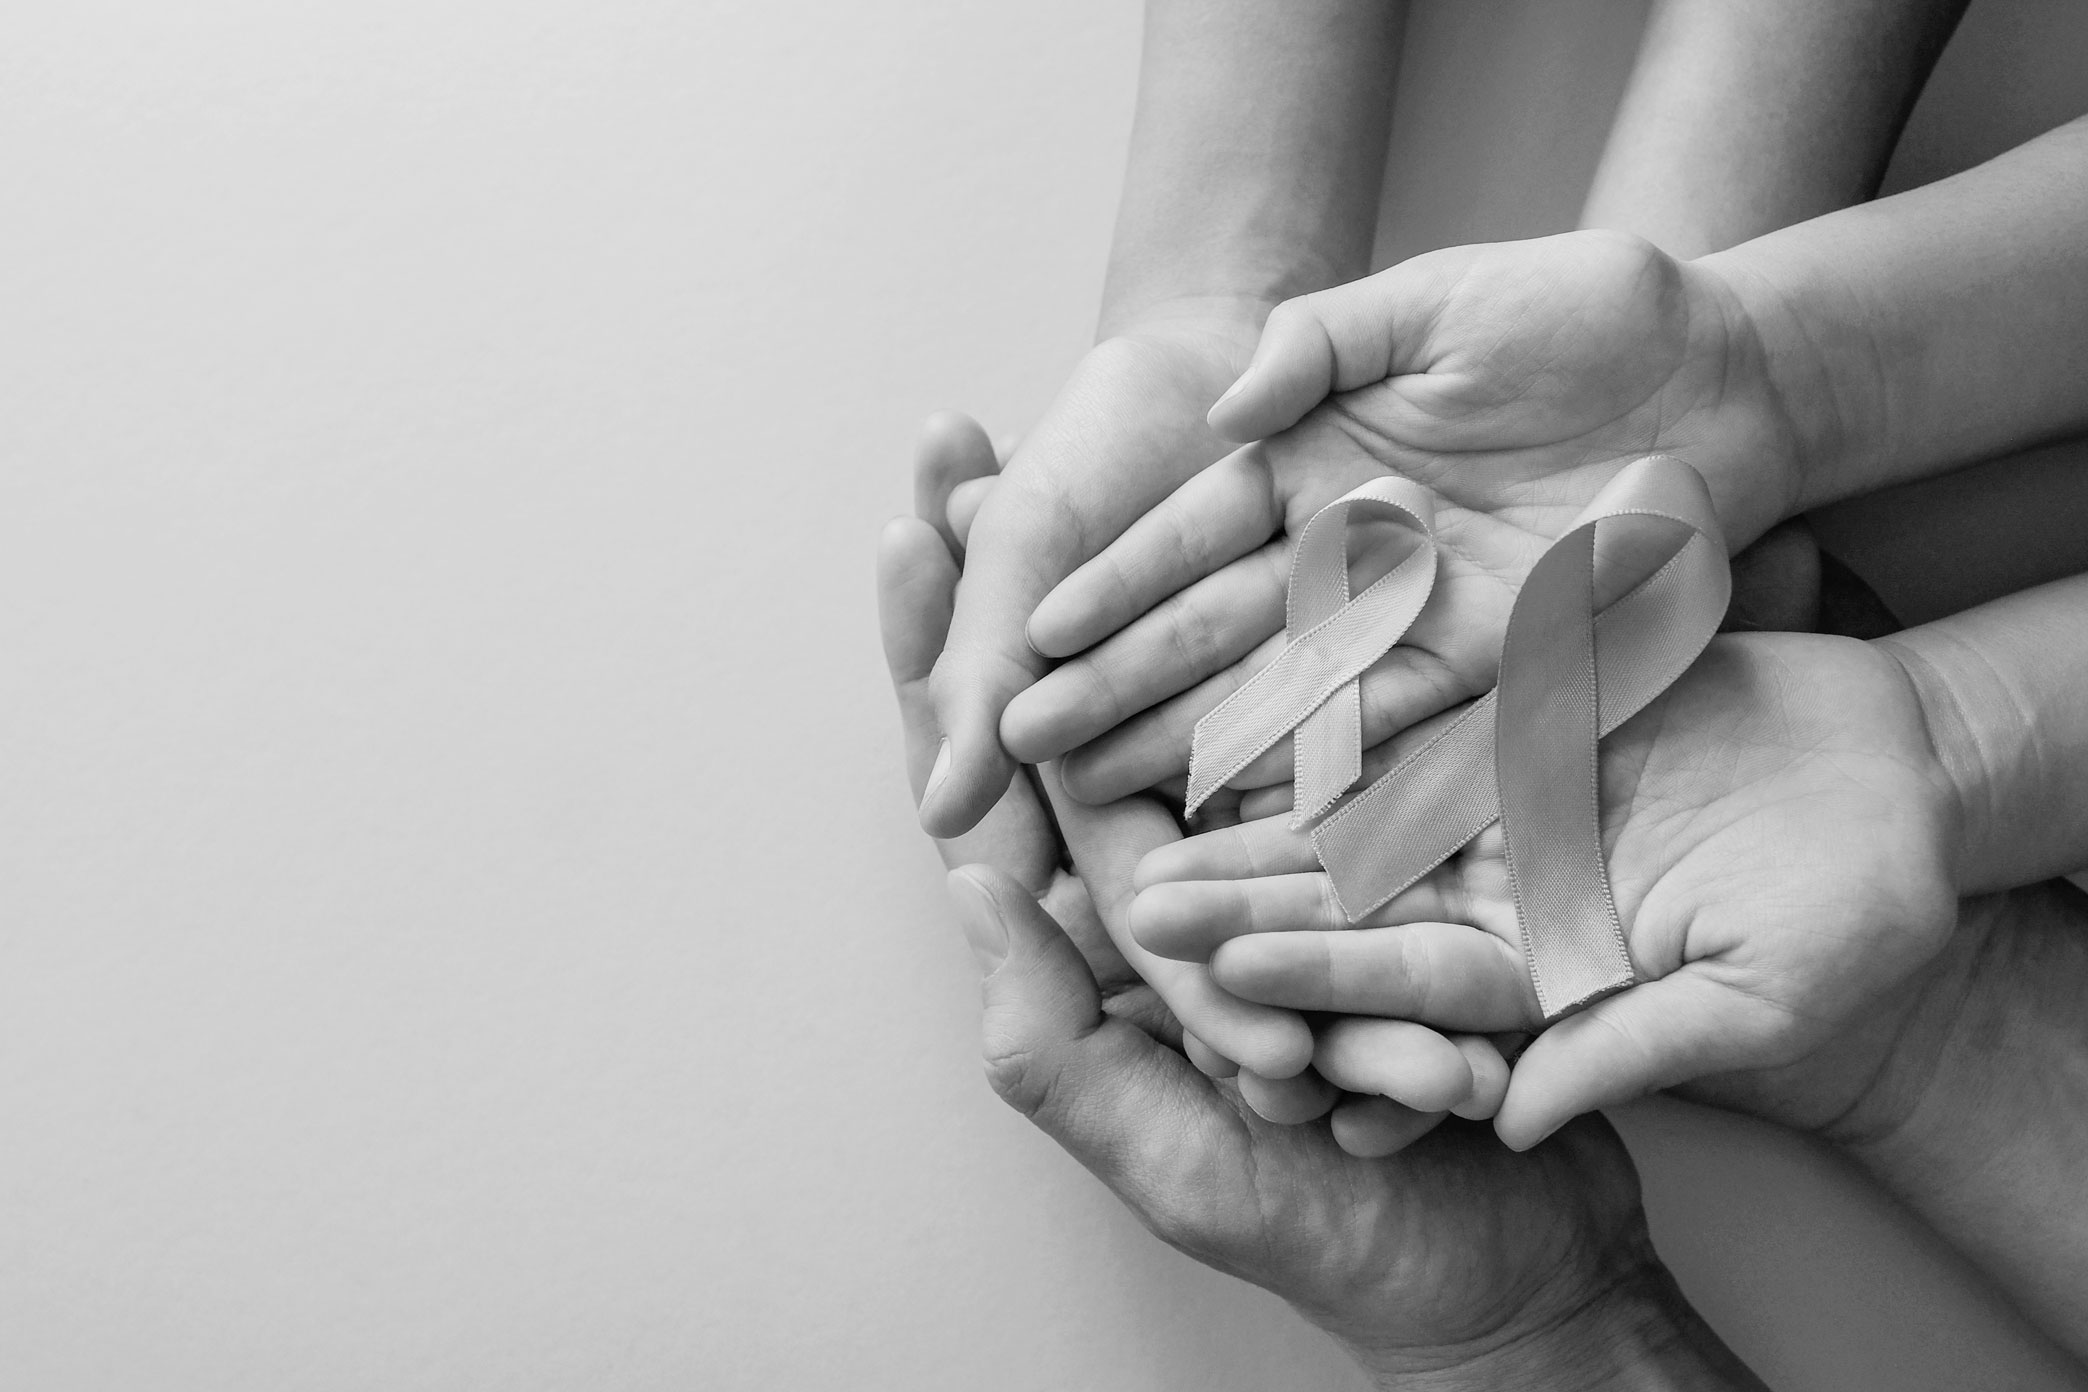 Journée mondiale contre le cancer – La lutte contre le cancer passe par la prévention